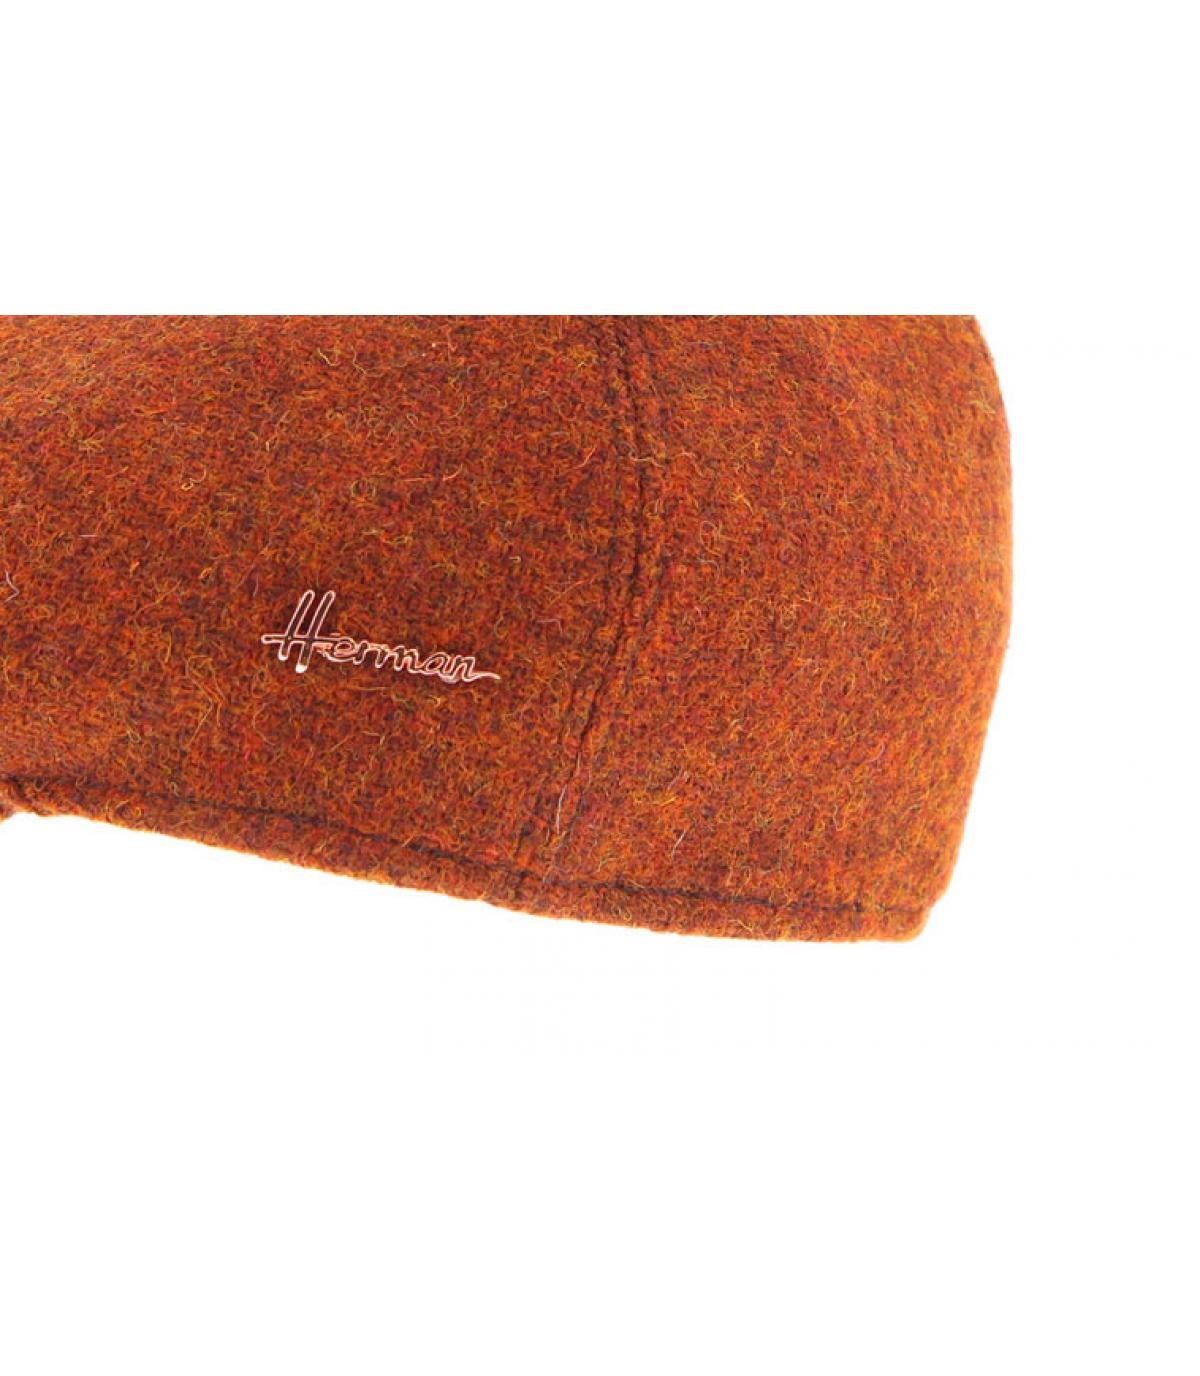 Dettagli Usurper Harris Tweed orange - image 3